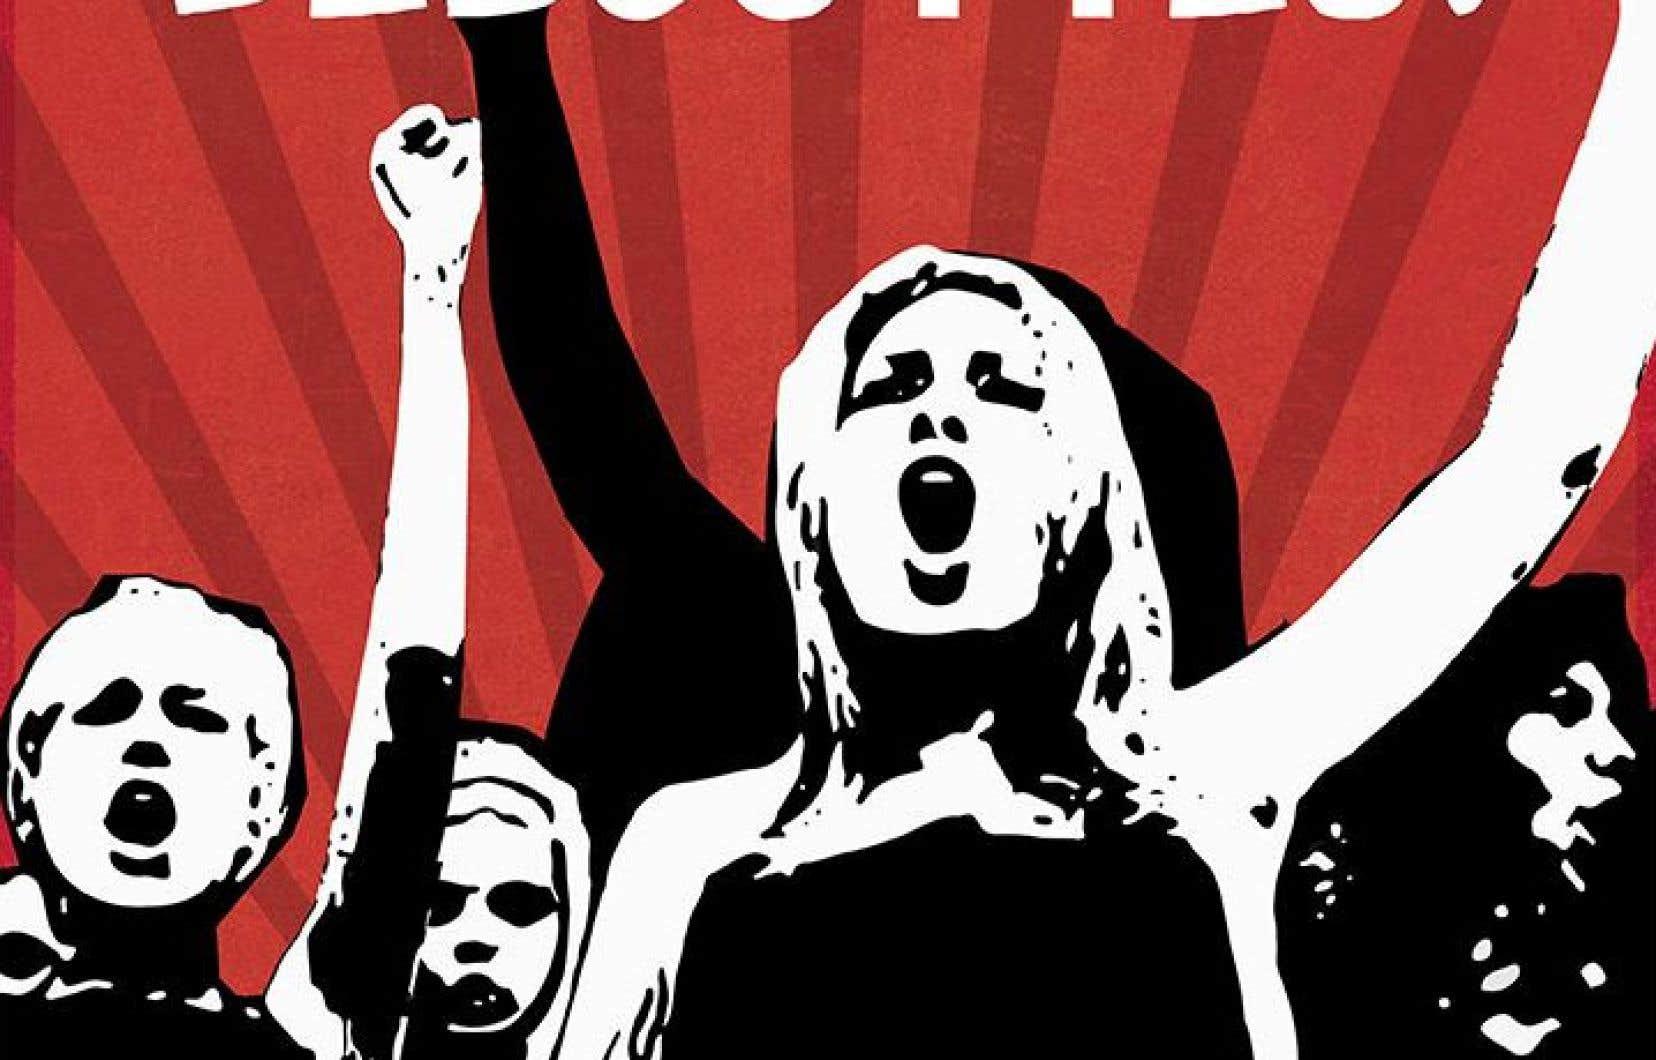 Le FLF surgit dans le bouillonnement des idées sociales et politiques de la fin des années 1960.